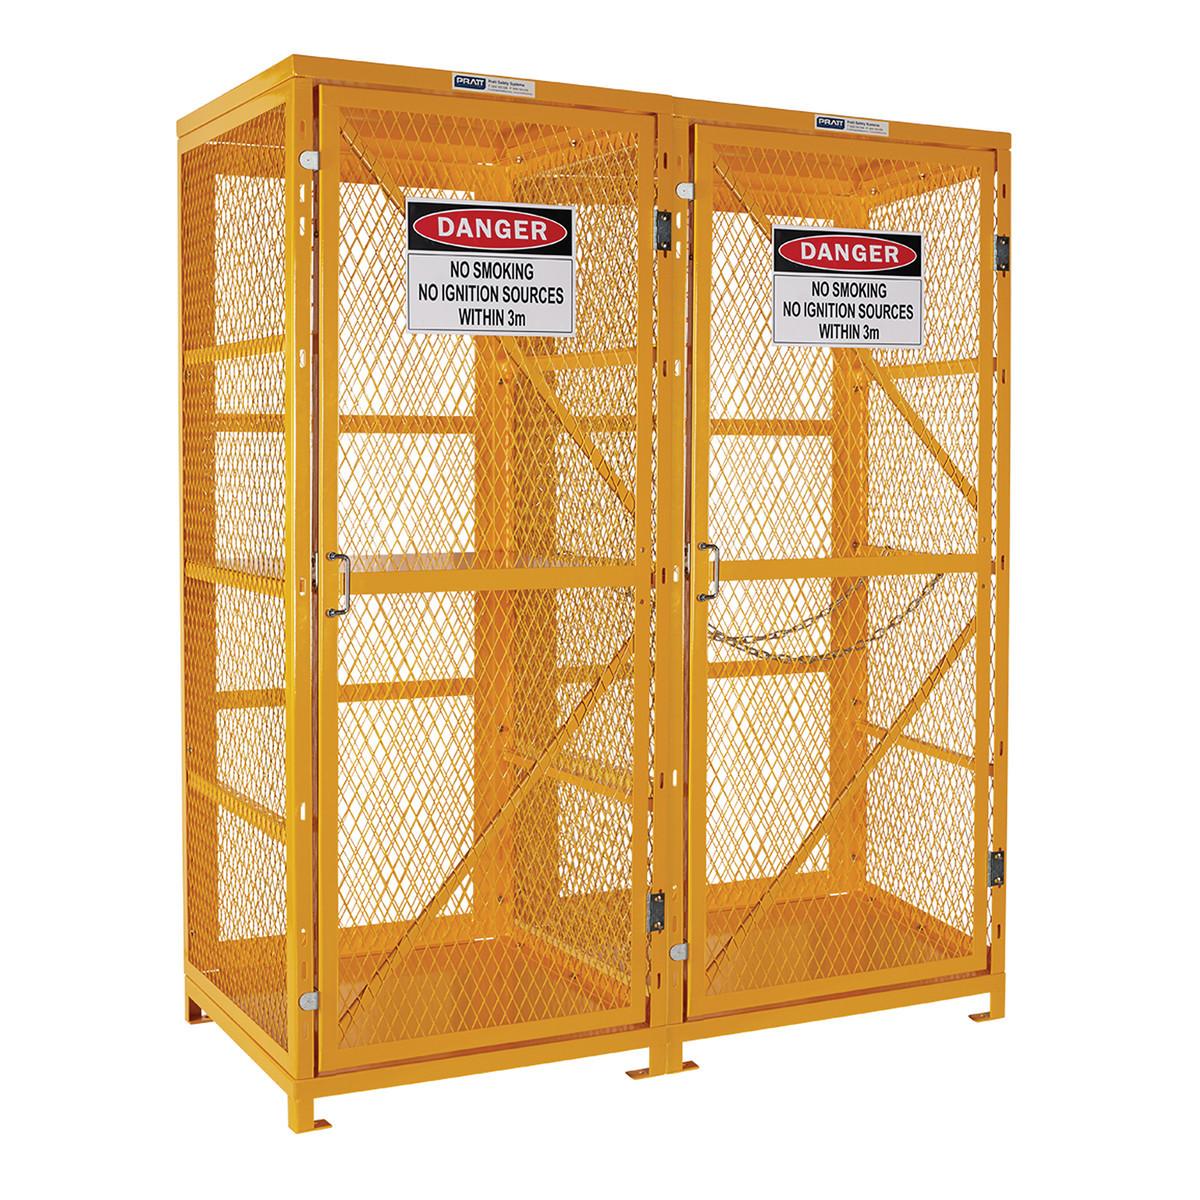 Forklift & Gas Cylinder Storage Cage - 3 Levels Up To 8 Forklift & 9 Cylinders